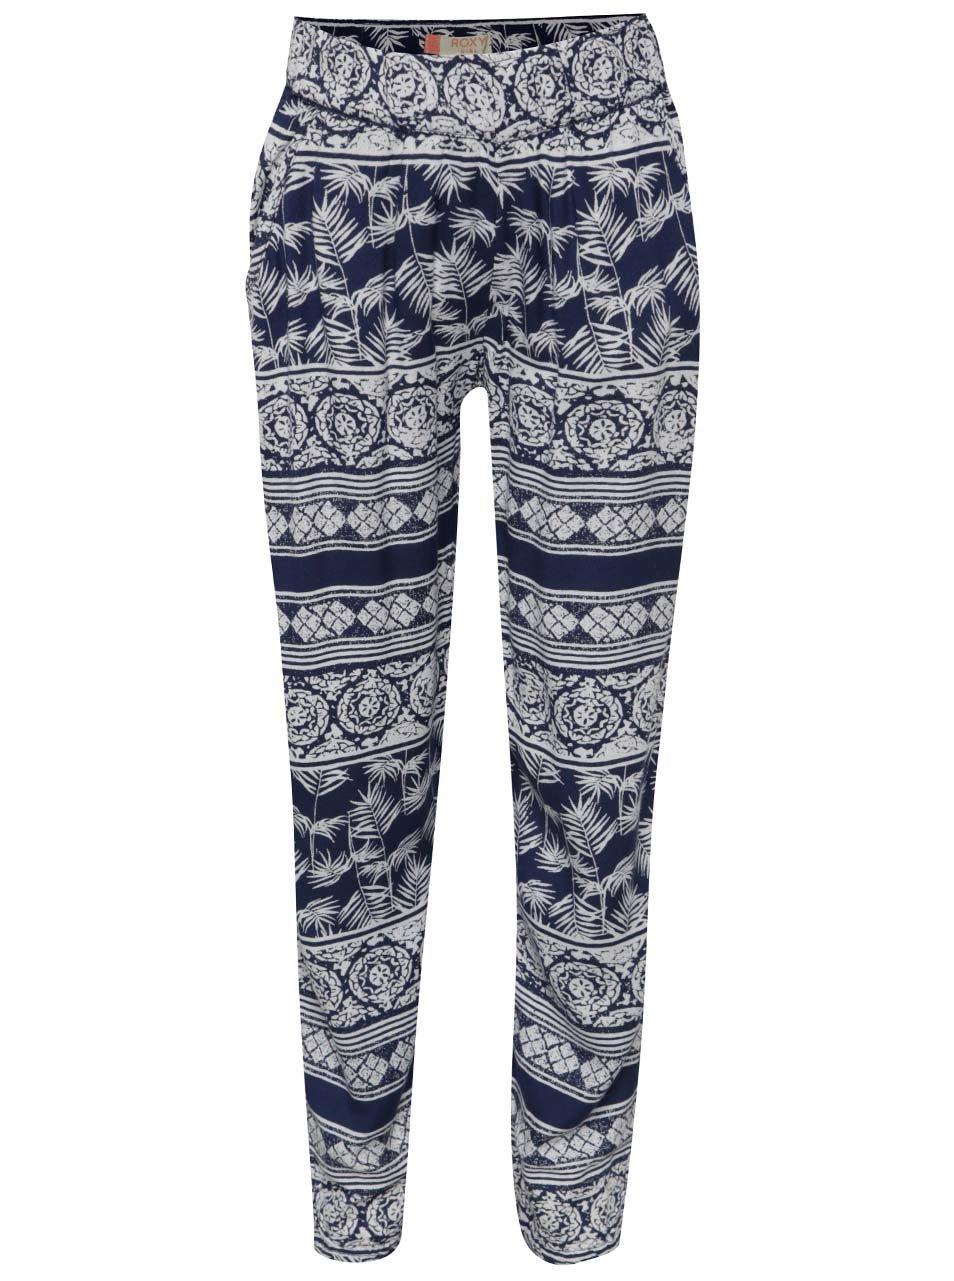 d9118fc75b69 Bielo-modré dievčenské vzorované nohavice Roxy Wanna go holiday ...